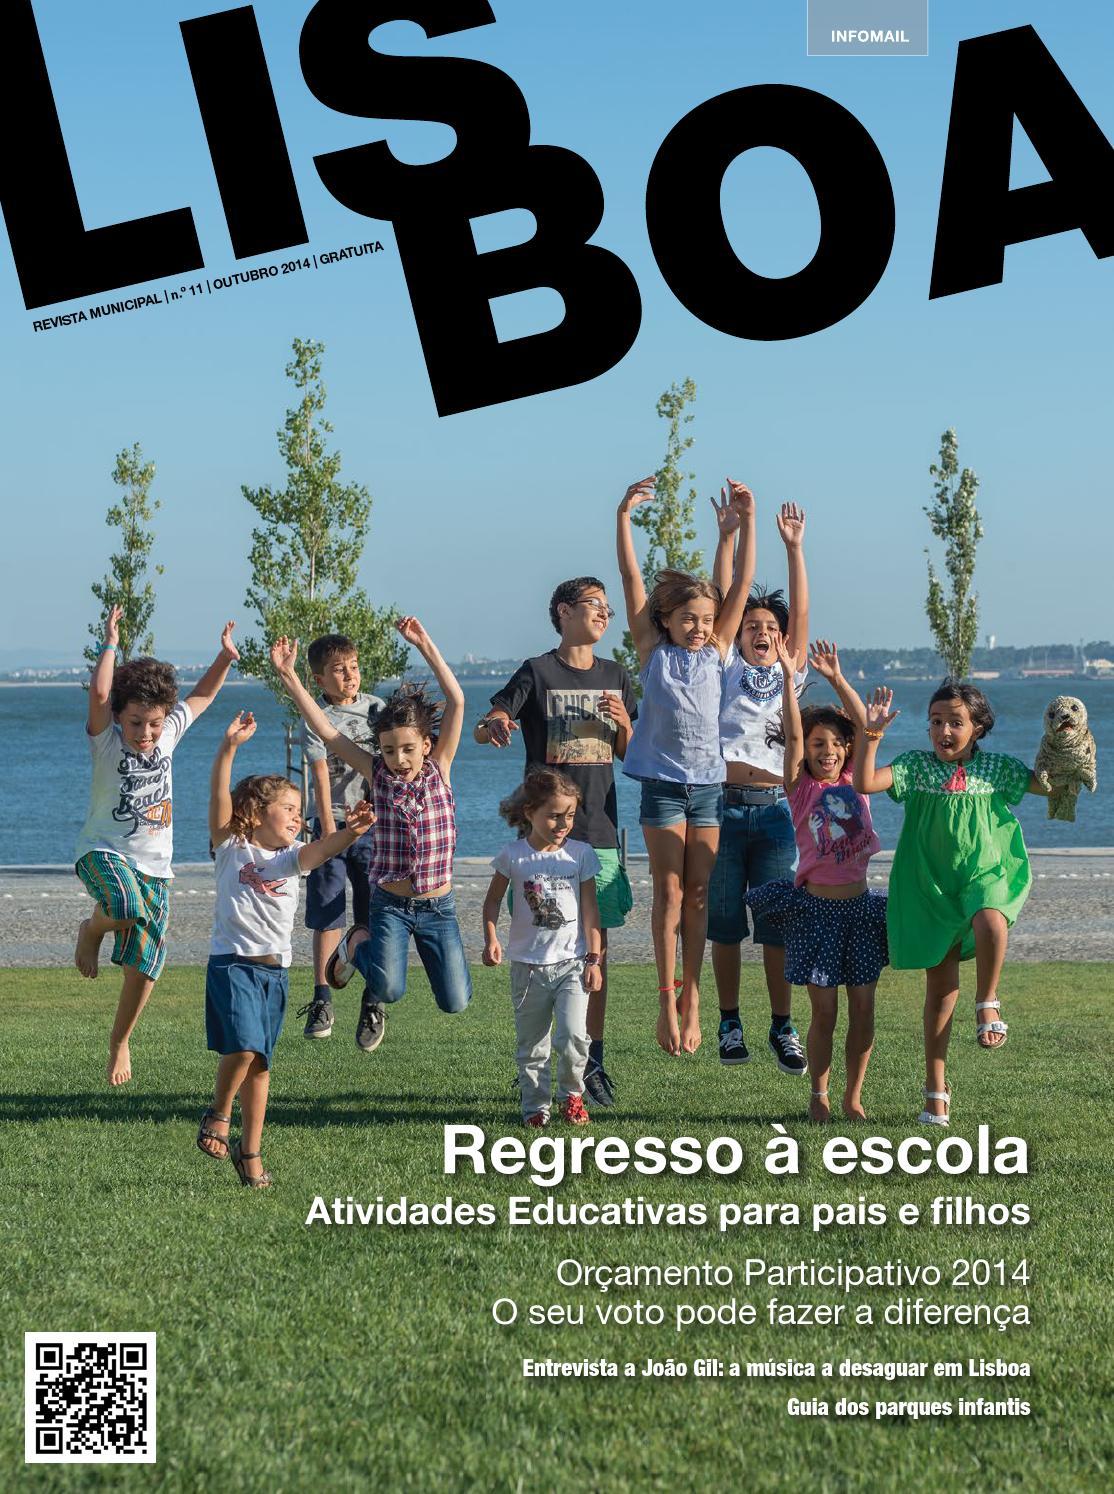 36e9067dc38 Revista Lisboa n. 11 by Câmara Municipal de Lisboa - issuu